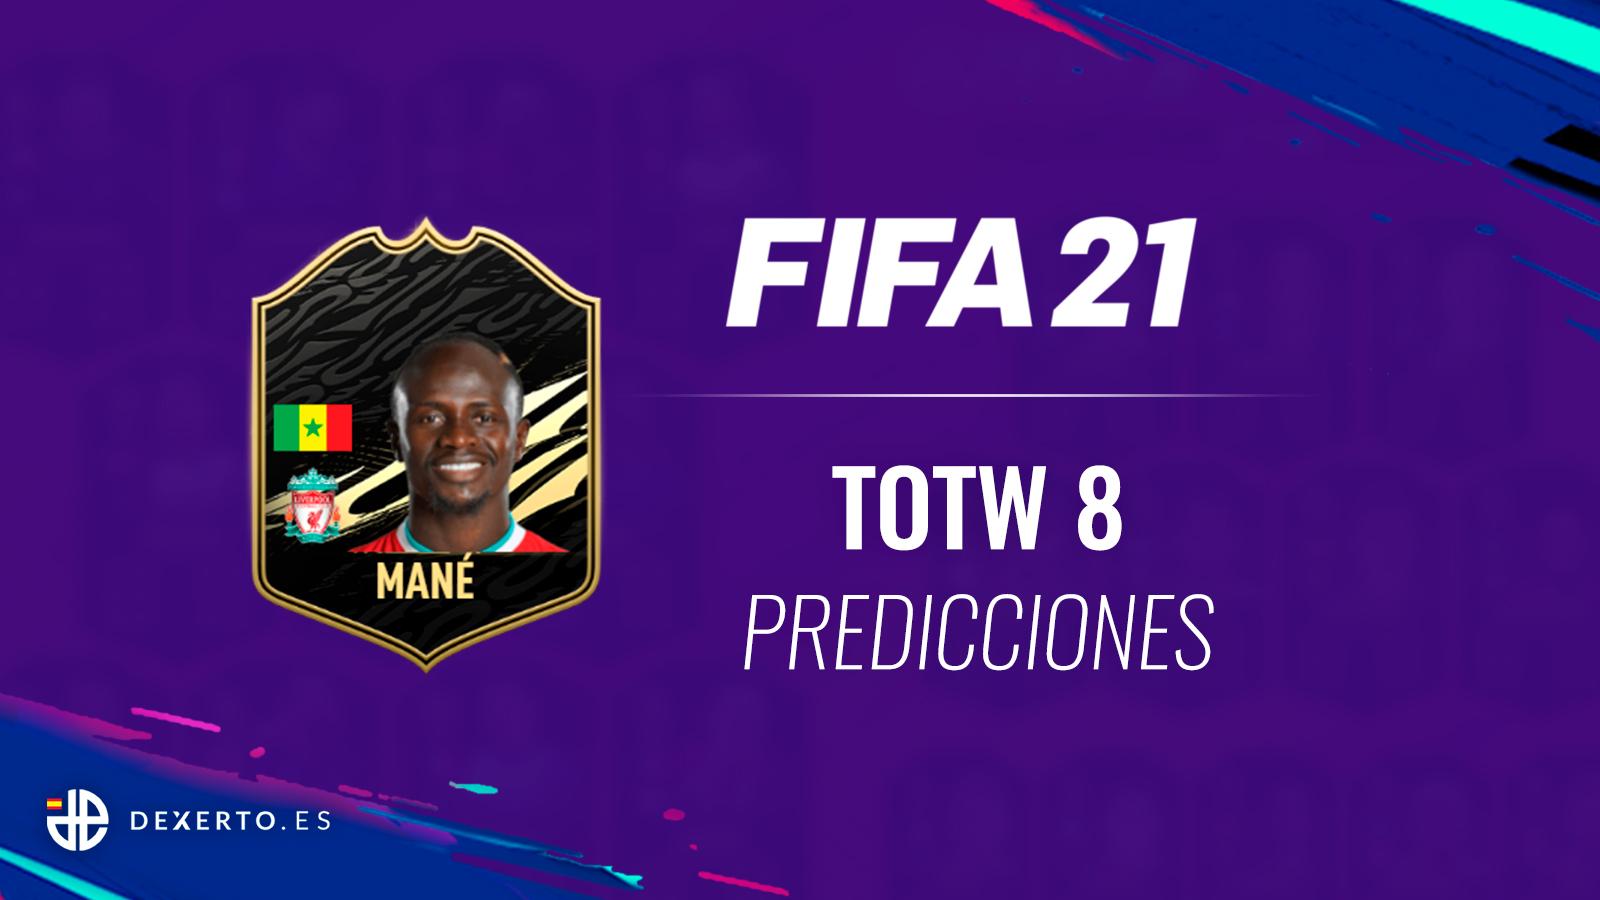 Mane con el logo de FIFA 21